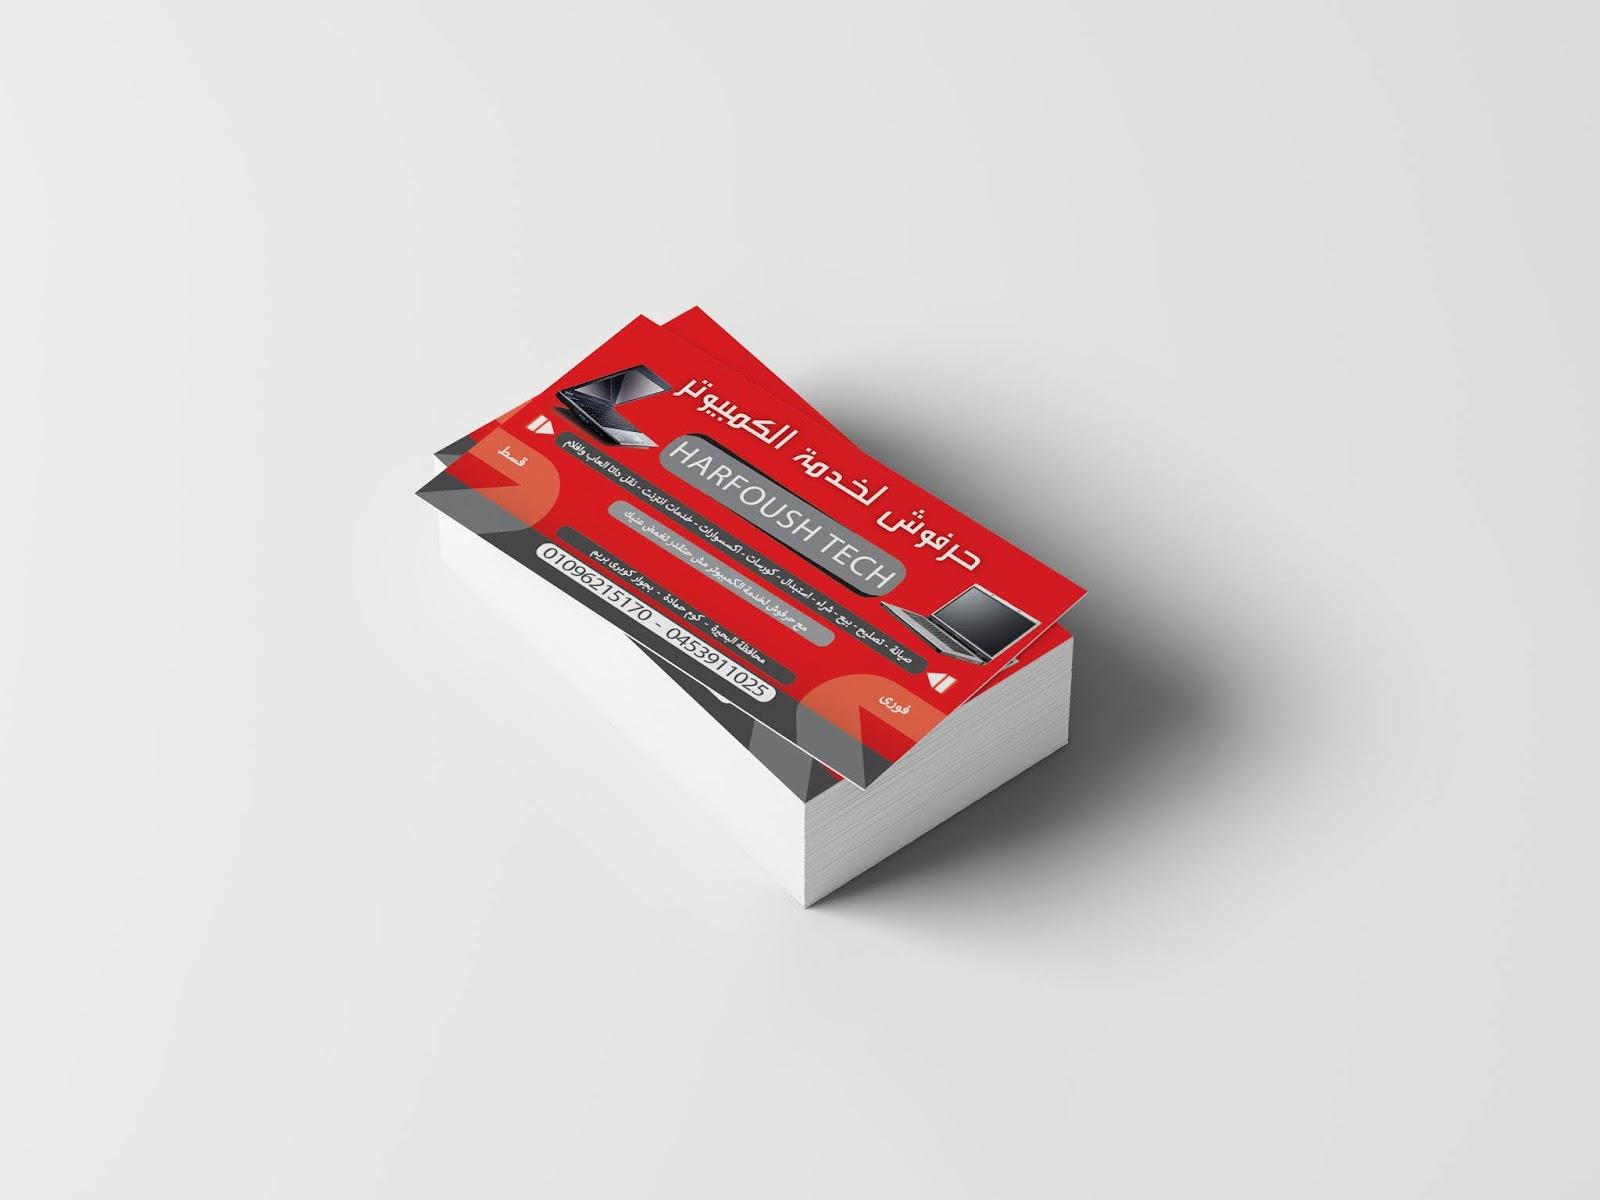 تحميل تصميم كارت شخصى بطاقة اعمال احترافية خاصة بالكمبيوتر واللاب توب